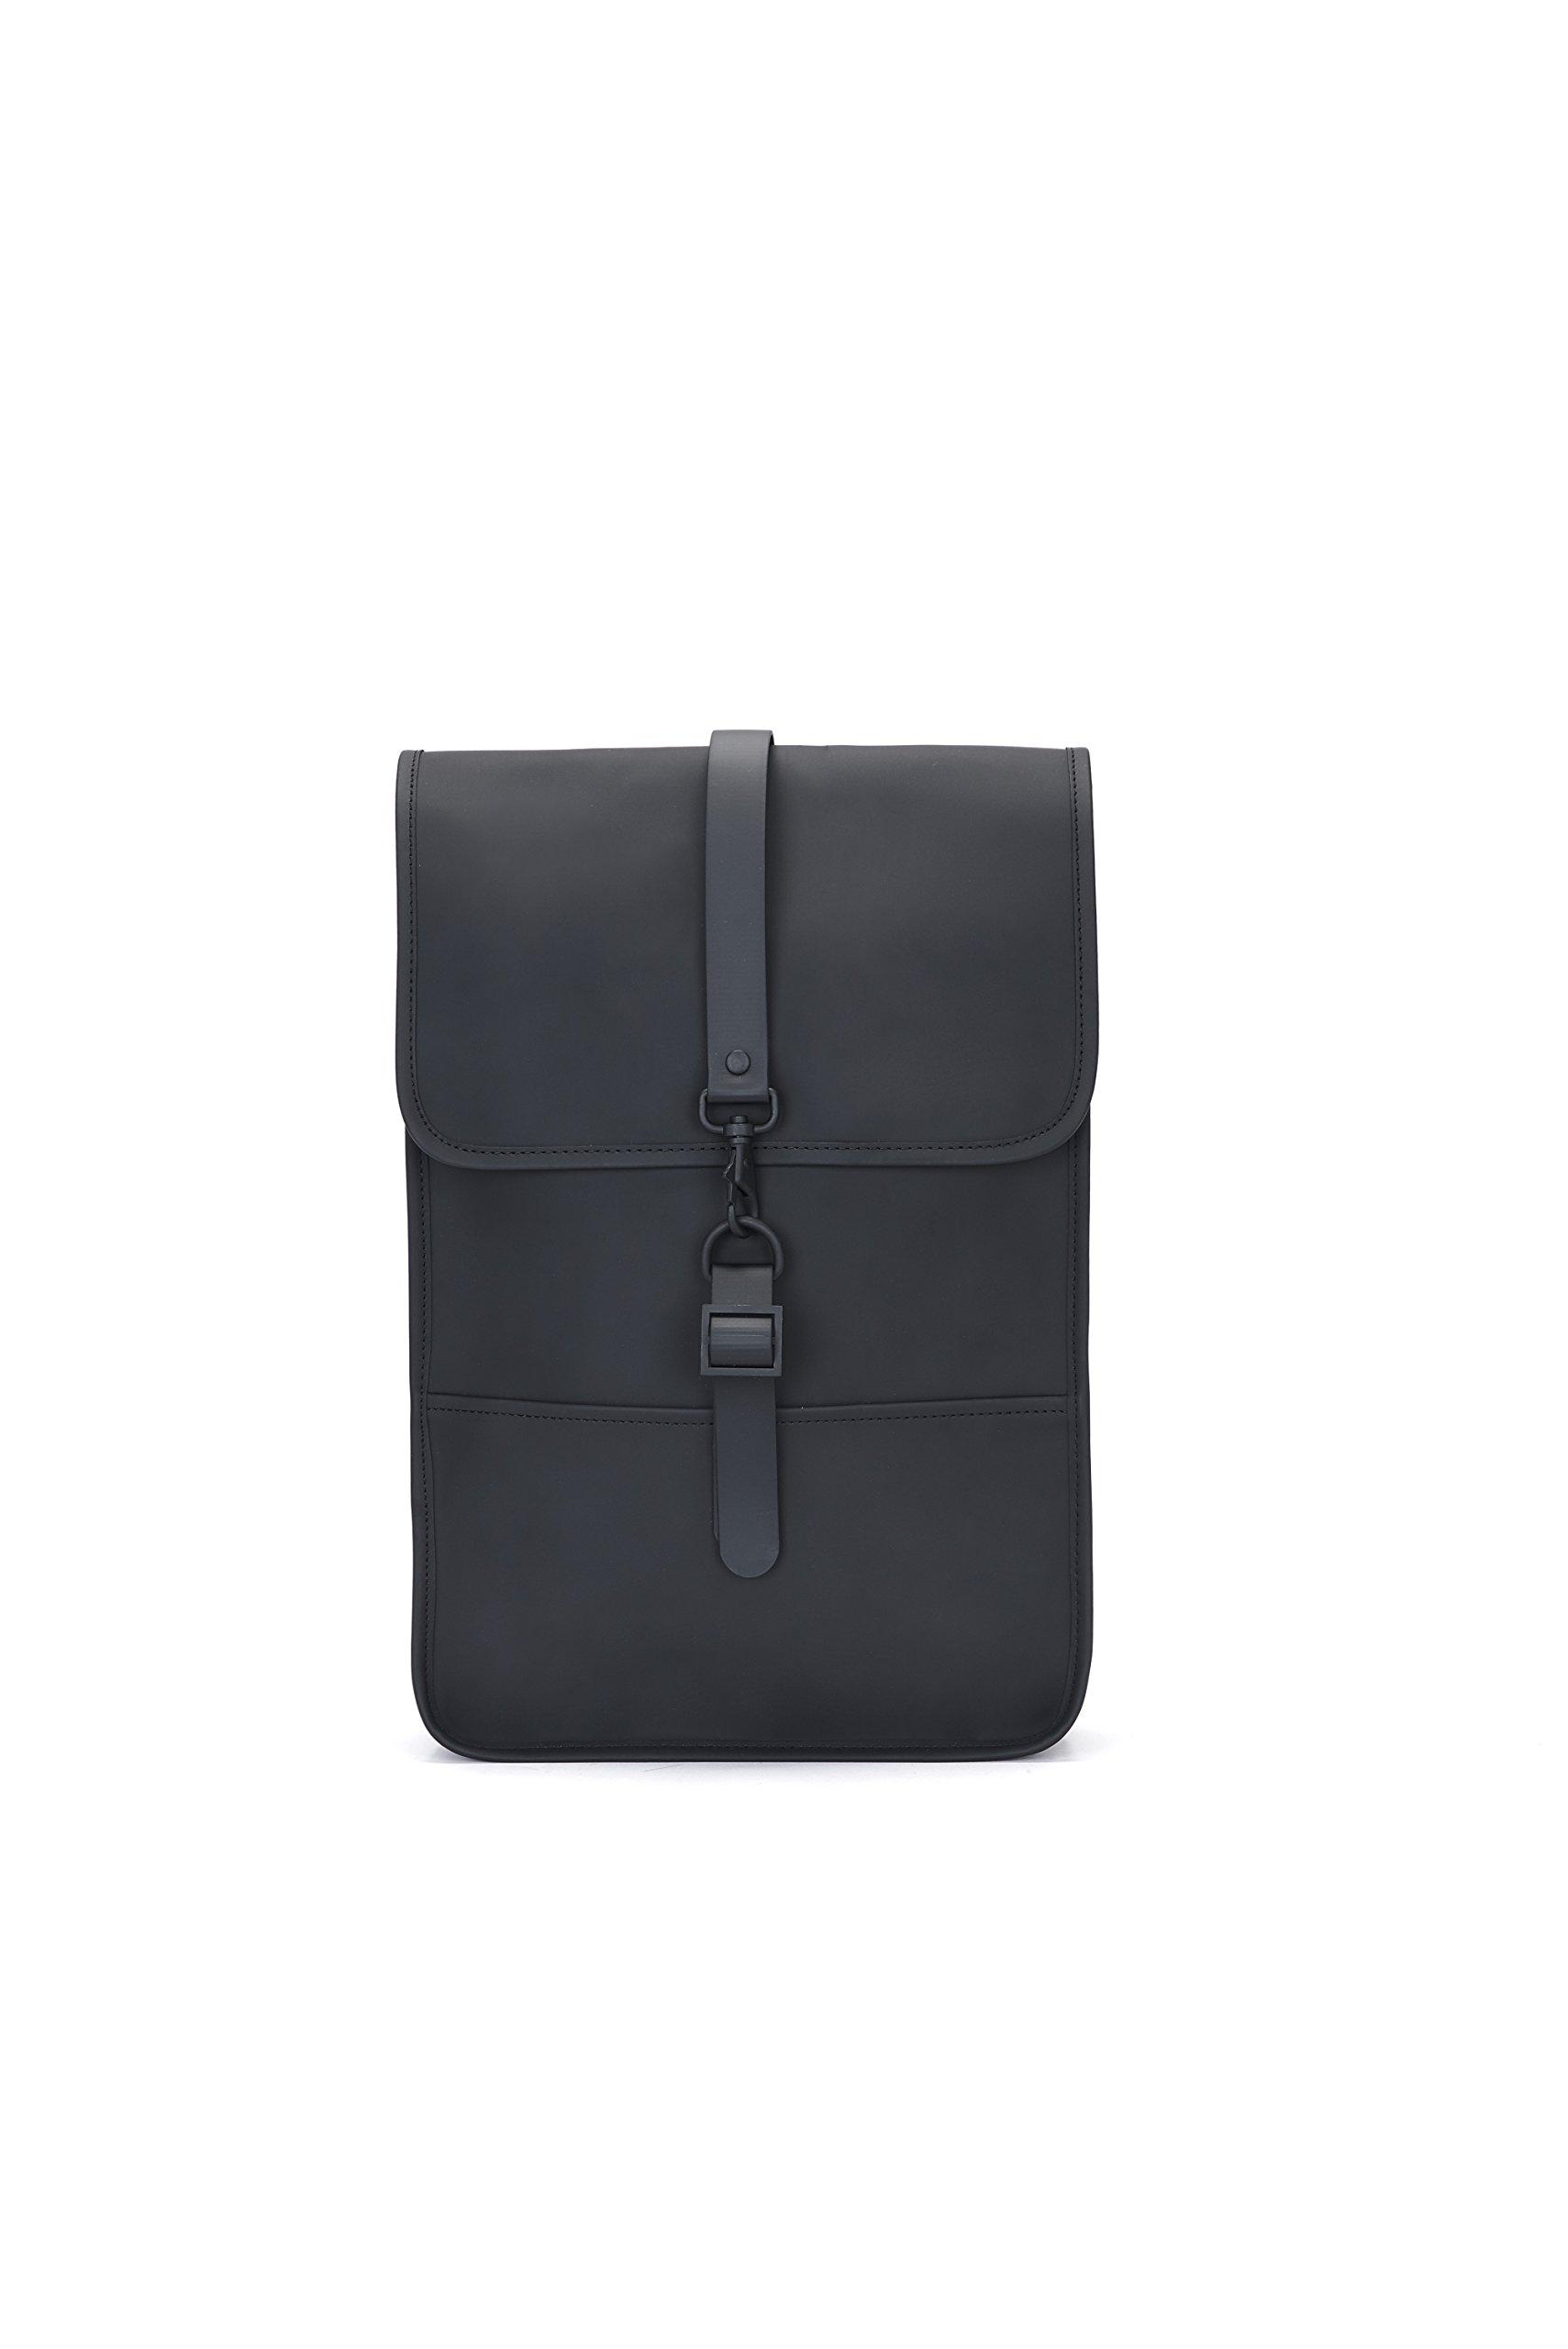 Rains Mini Backpack One Size Black by RAINS